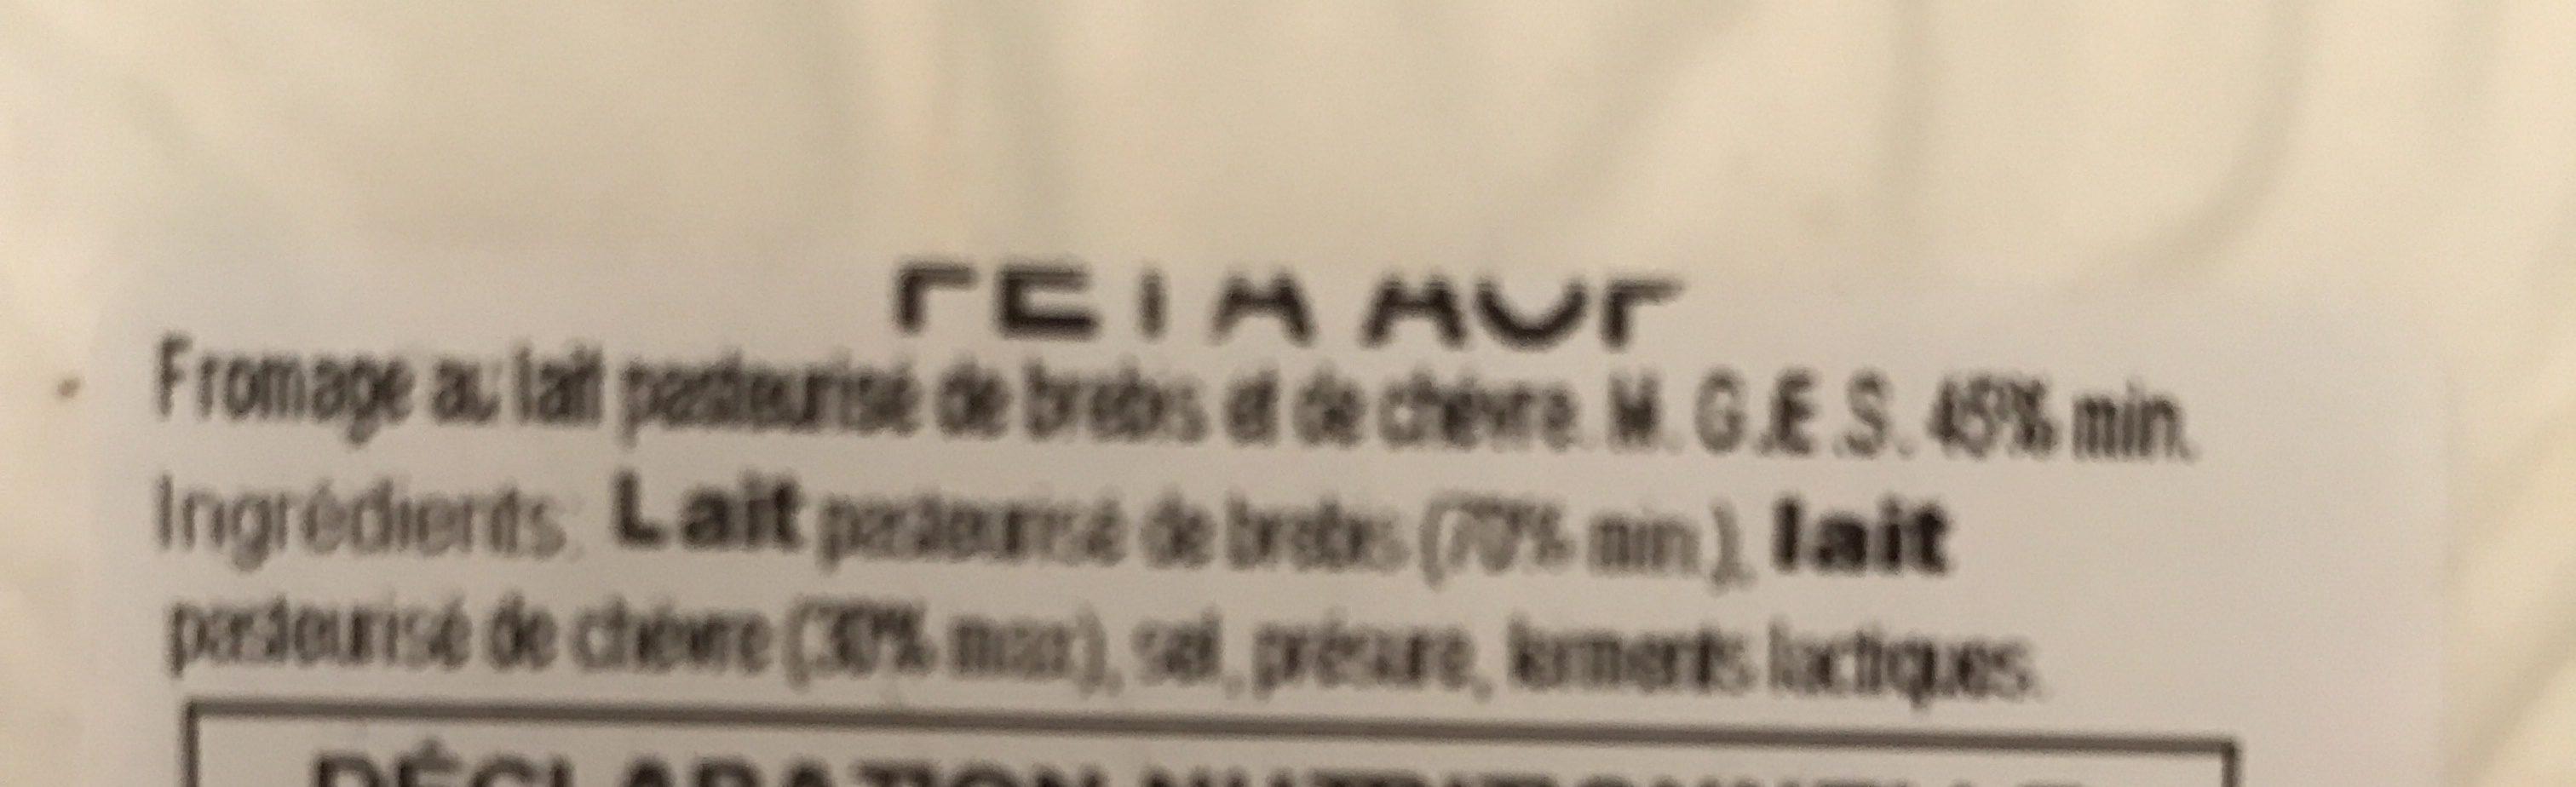 Feta - Ingredients - fr